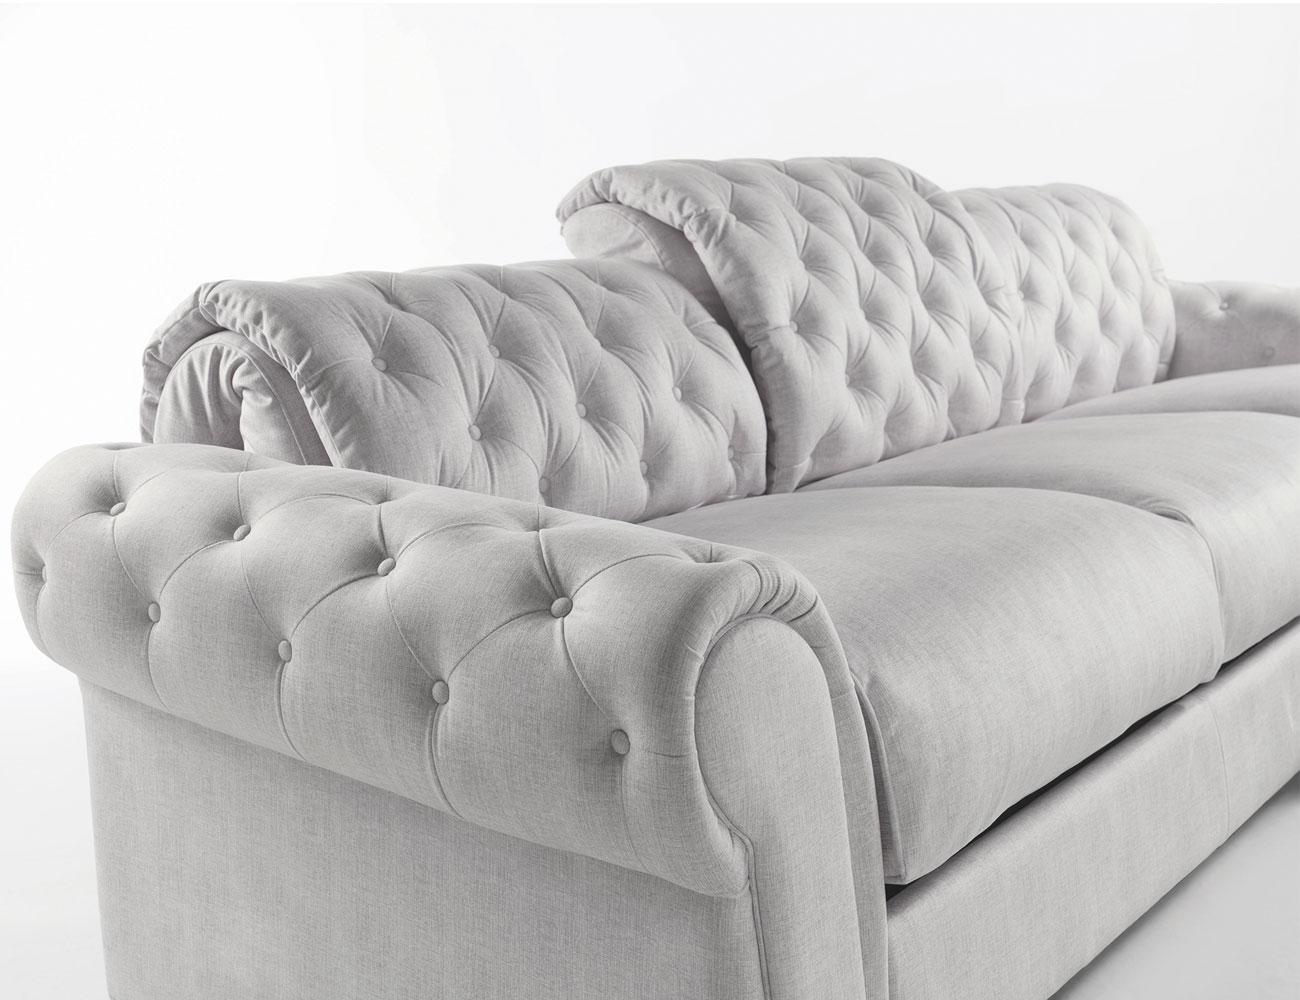 Sofa chaiselongue gran lujo decorativo capitone blanco tela 154